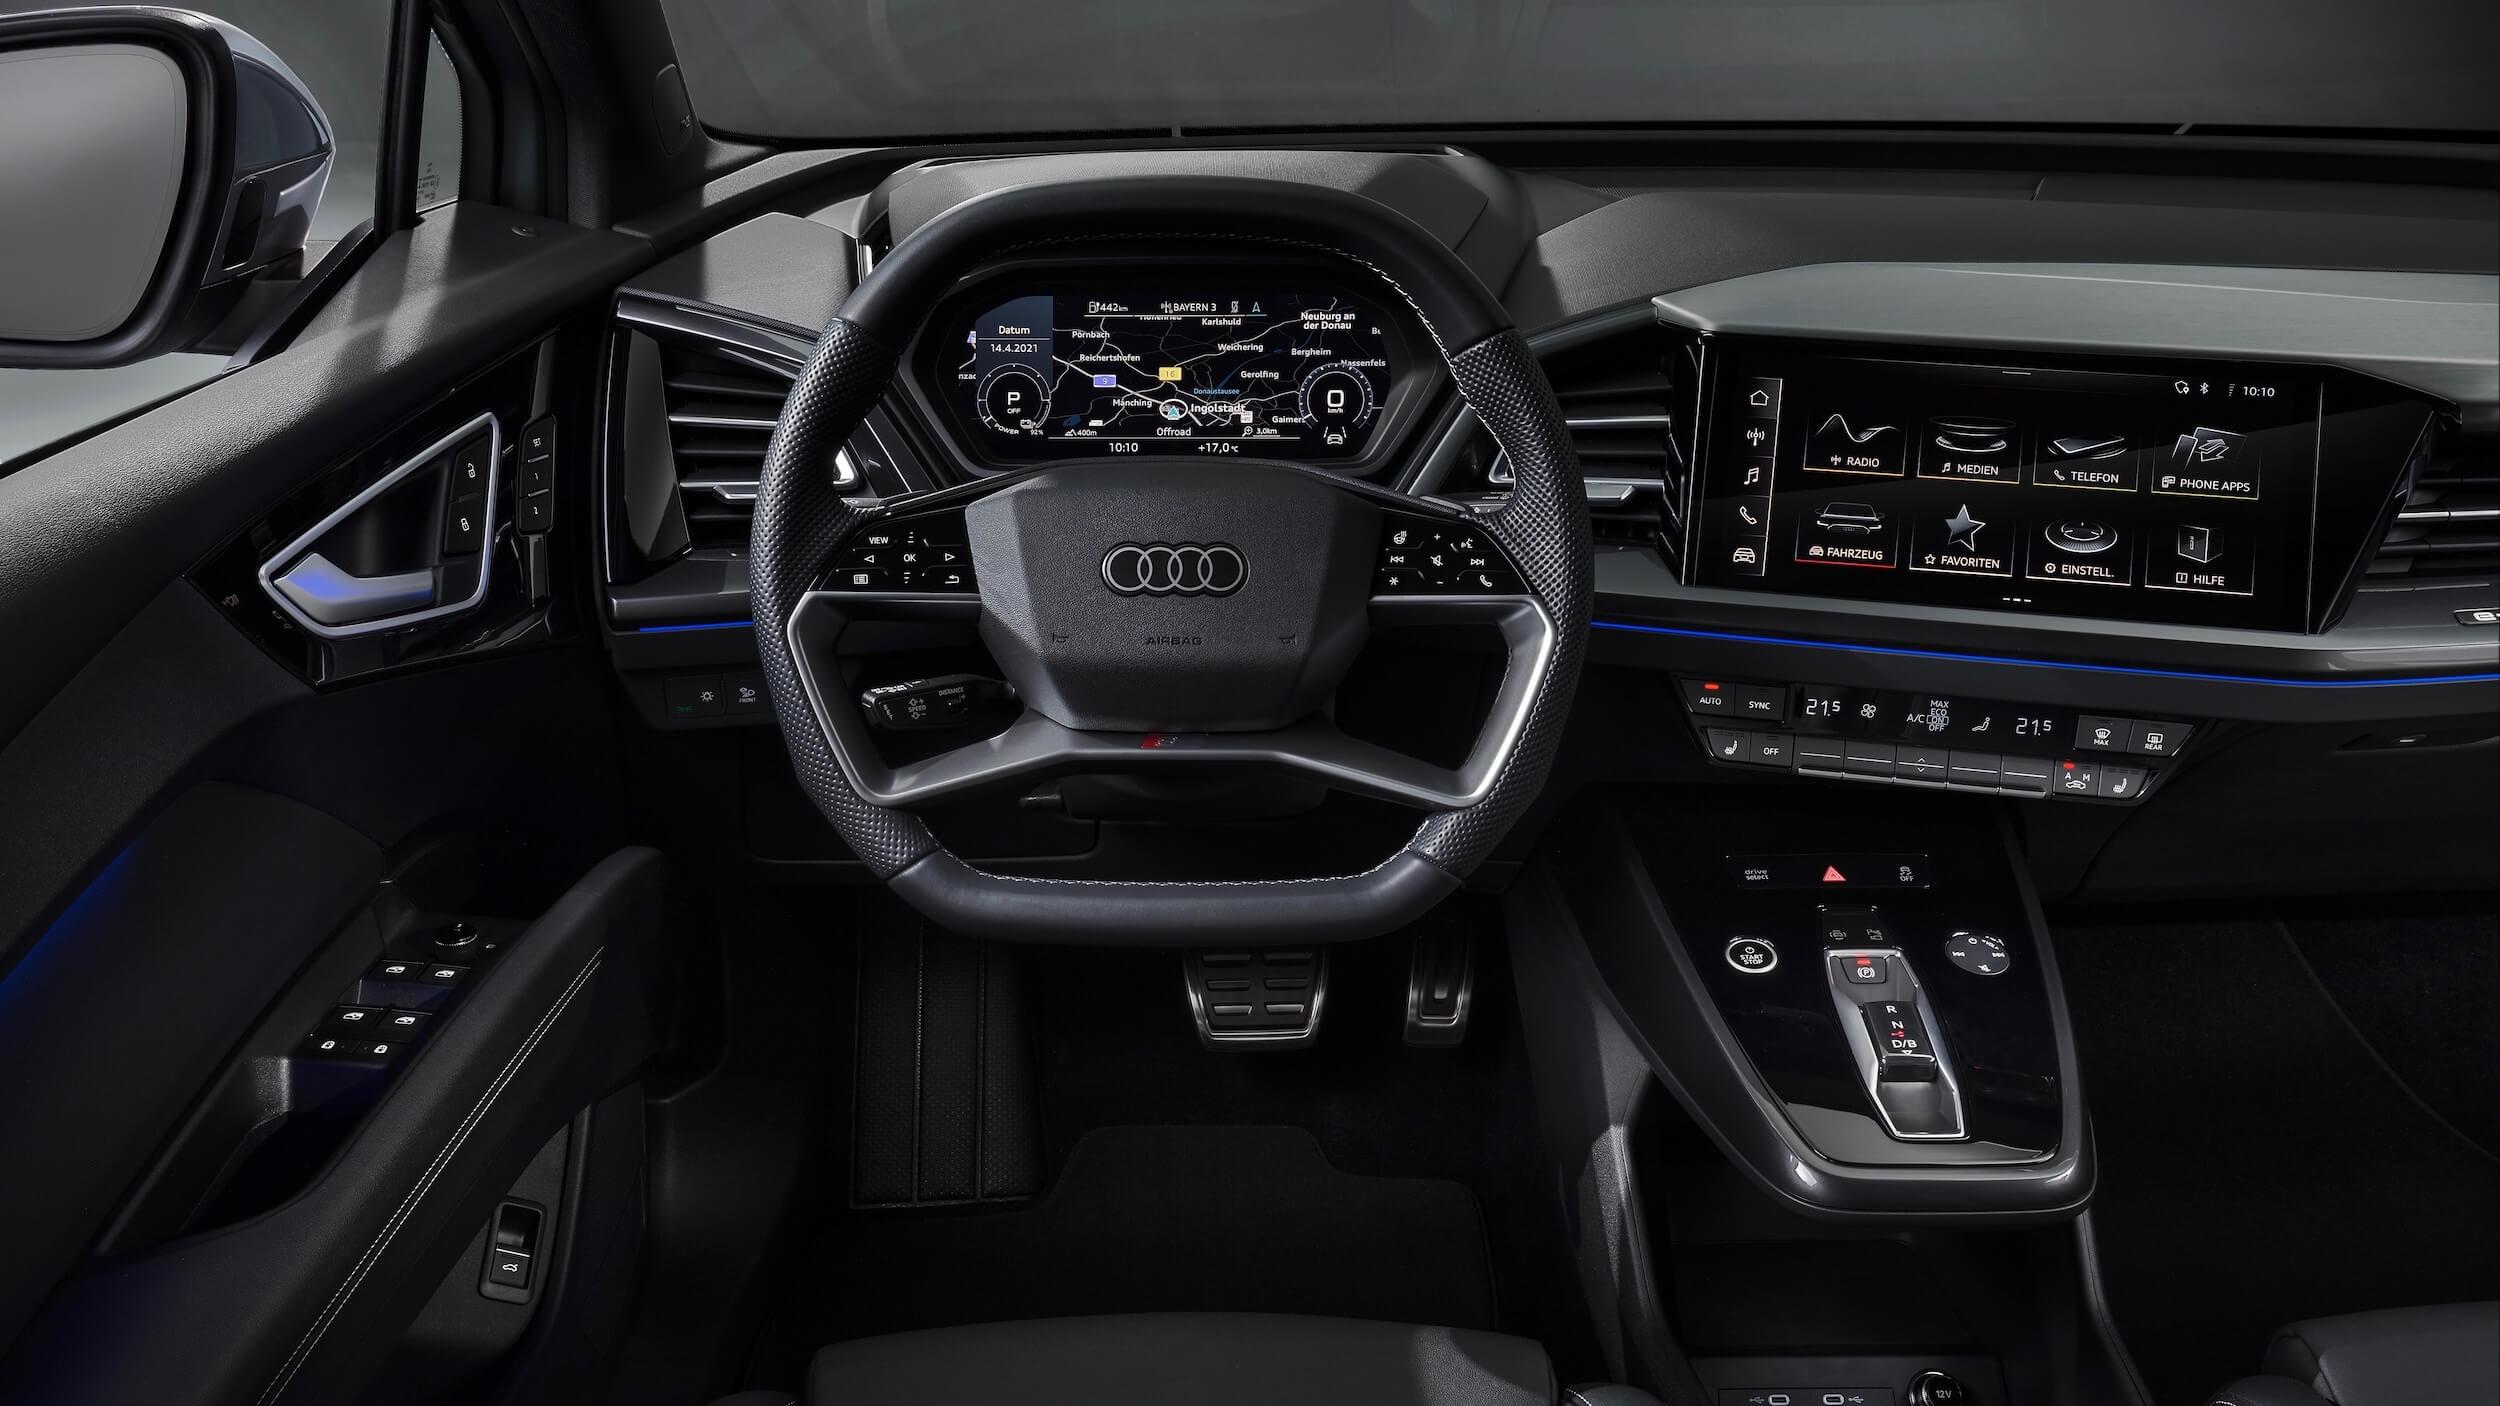 Audi Q4 e-tron volante